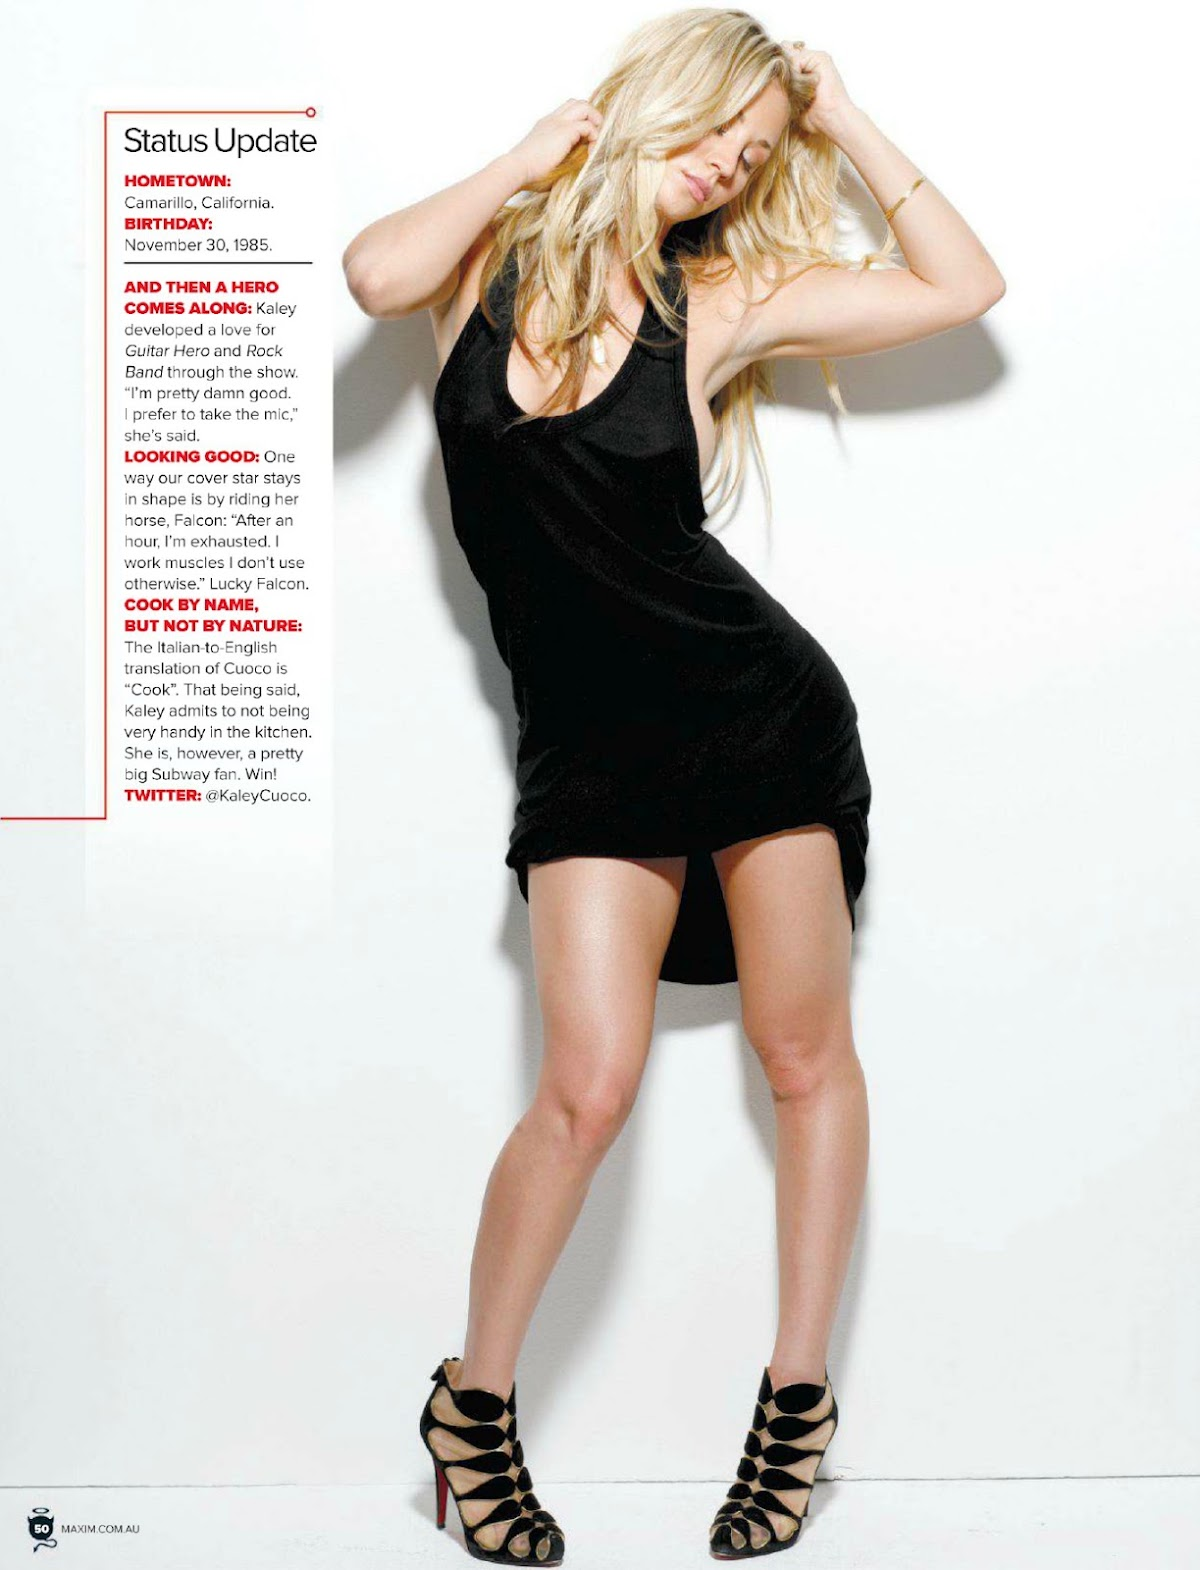 http://2.bp.blogspot.com/-lM81lJTSJGg/T-cXSdmmEvI/AAAAAAAAFHA/gYW-6BiOnj0/s1570/Kaley+Cuoco+-+Maxim+magazine+Australia+July+2012+12.jpg